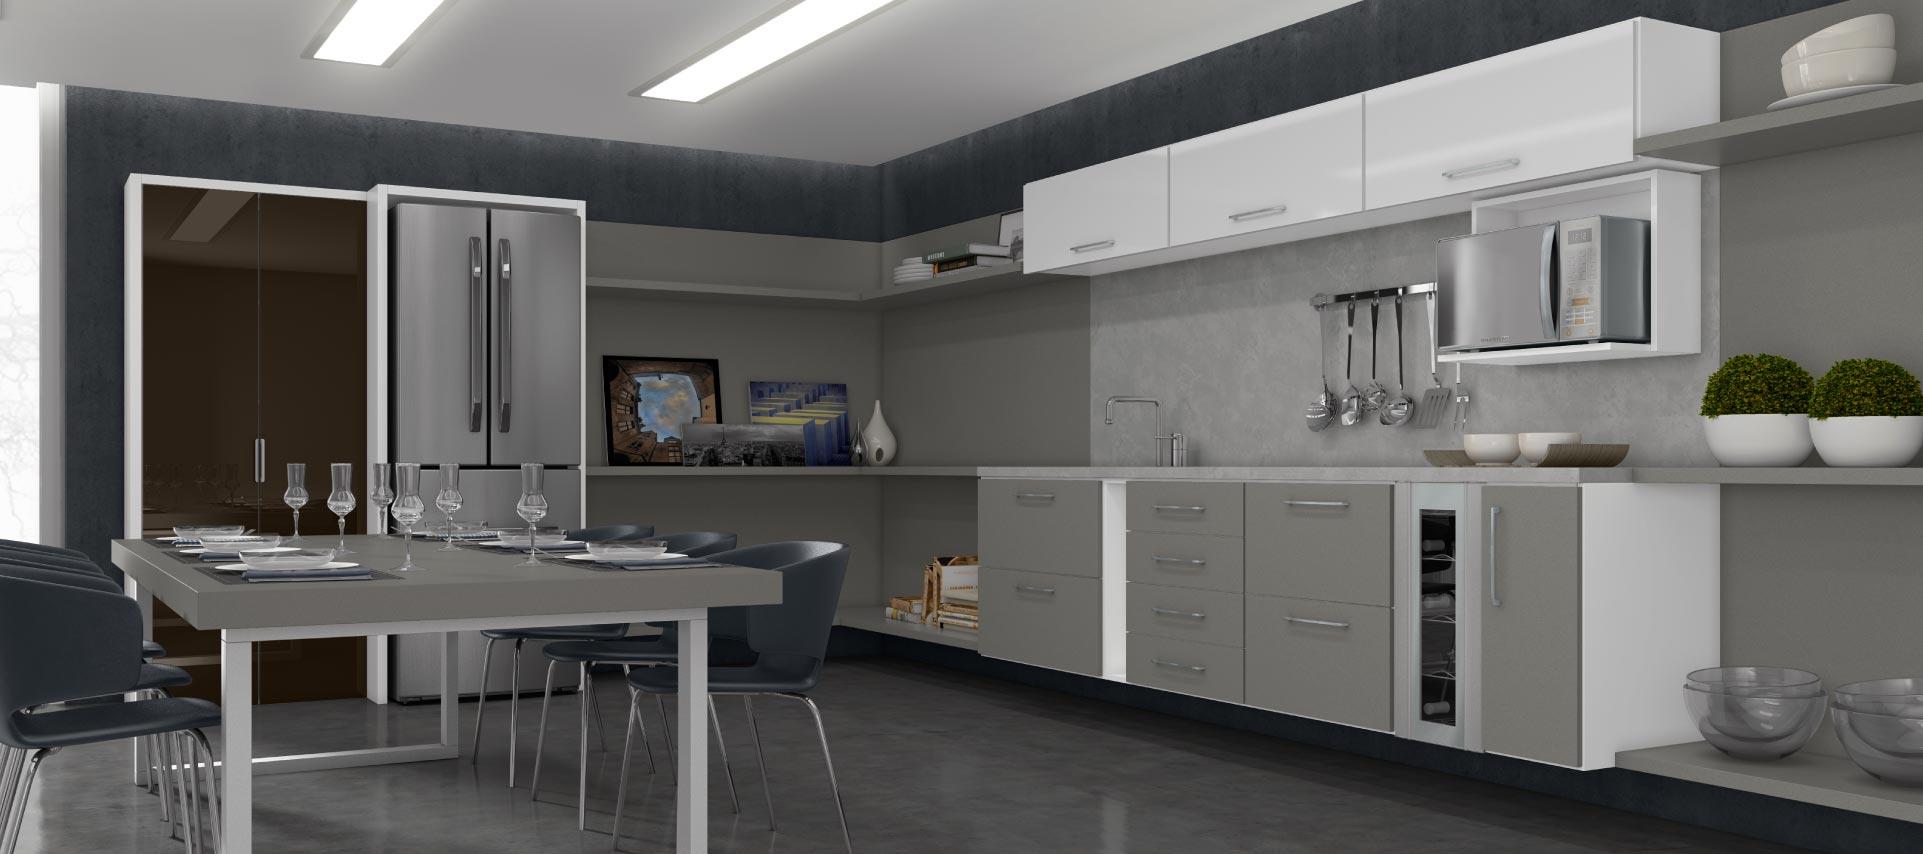 https://www.decor8planejados.com.br/wp-content/uploads/2016/03/cozinha-planejada-moveis-planejados-decor8.jpg